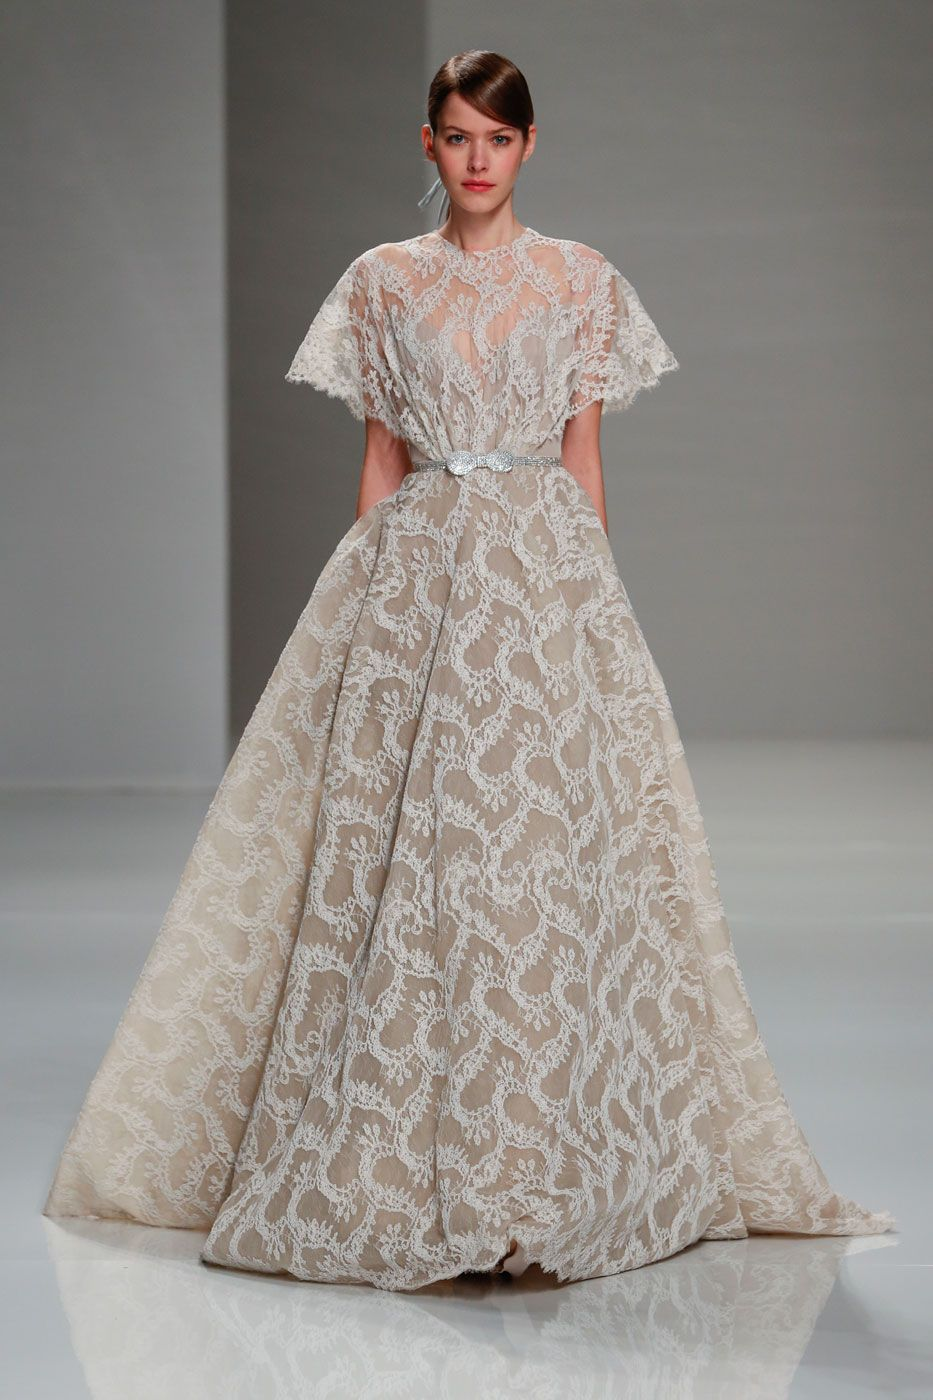 Georges Hobeika Haute Couture Paris Spring 2015